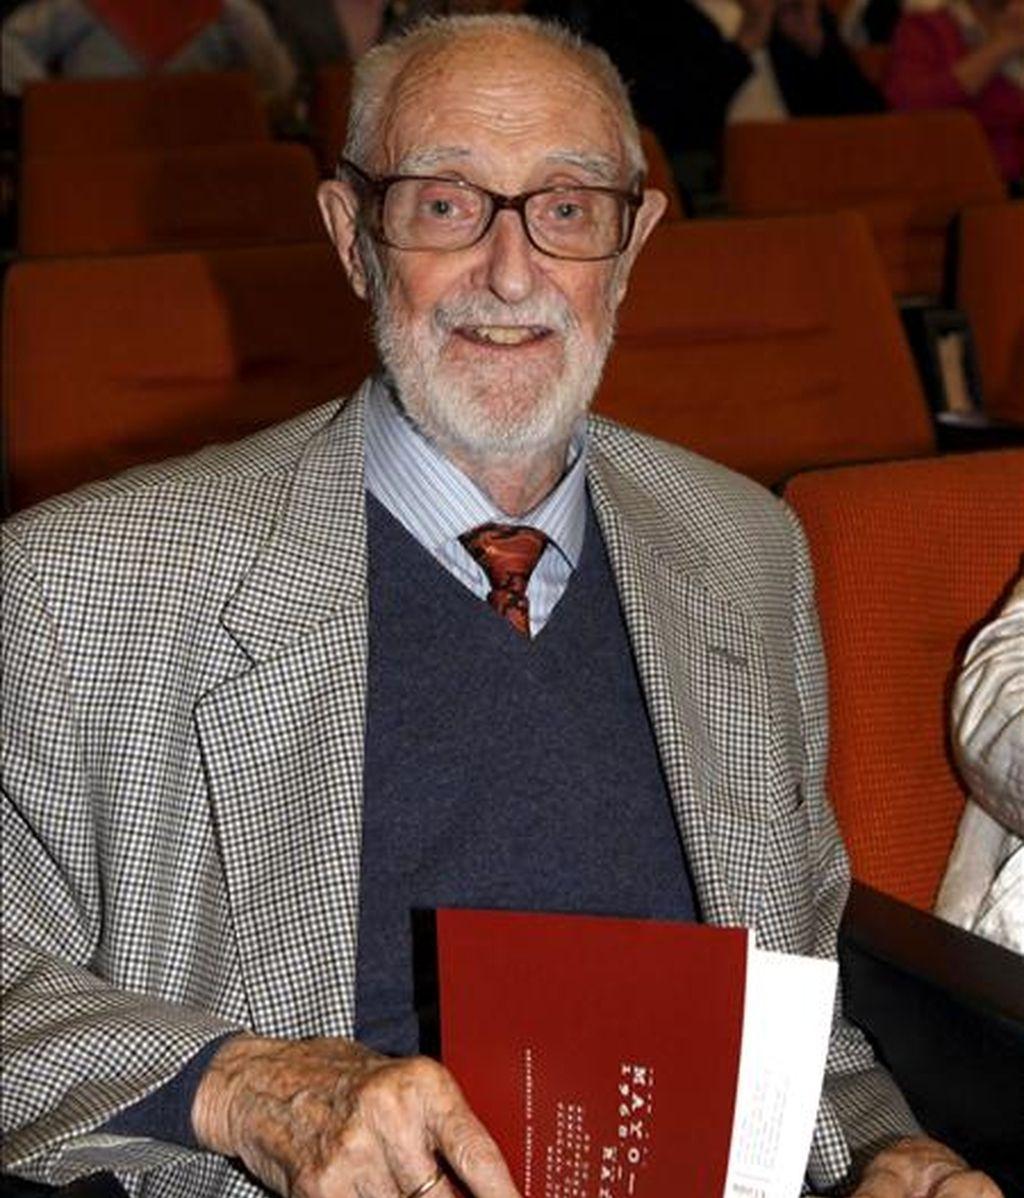 El escritor José Luis Sampedro. EFE/Archivo